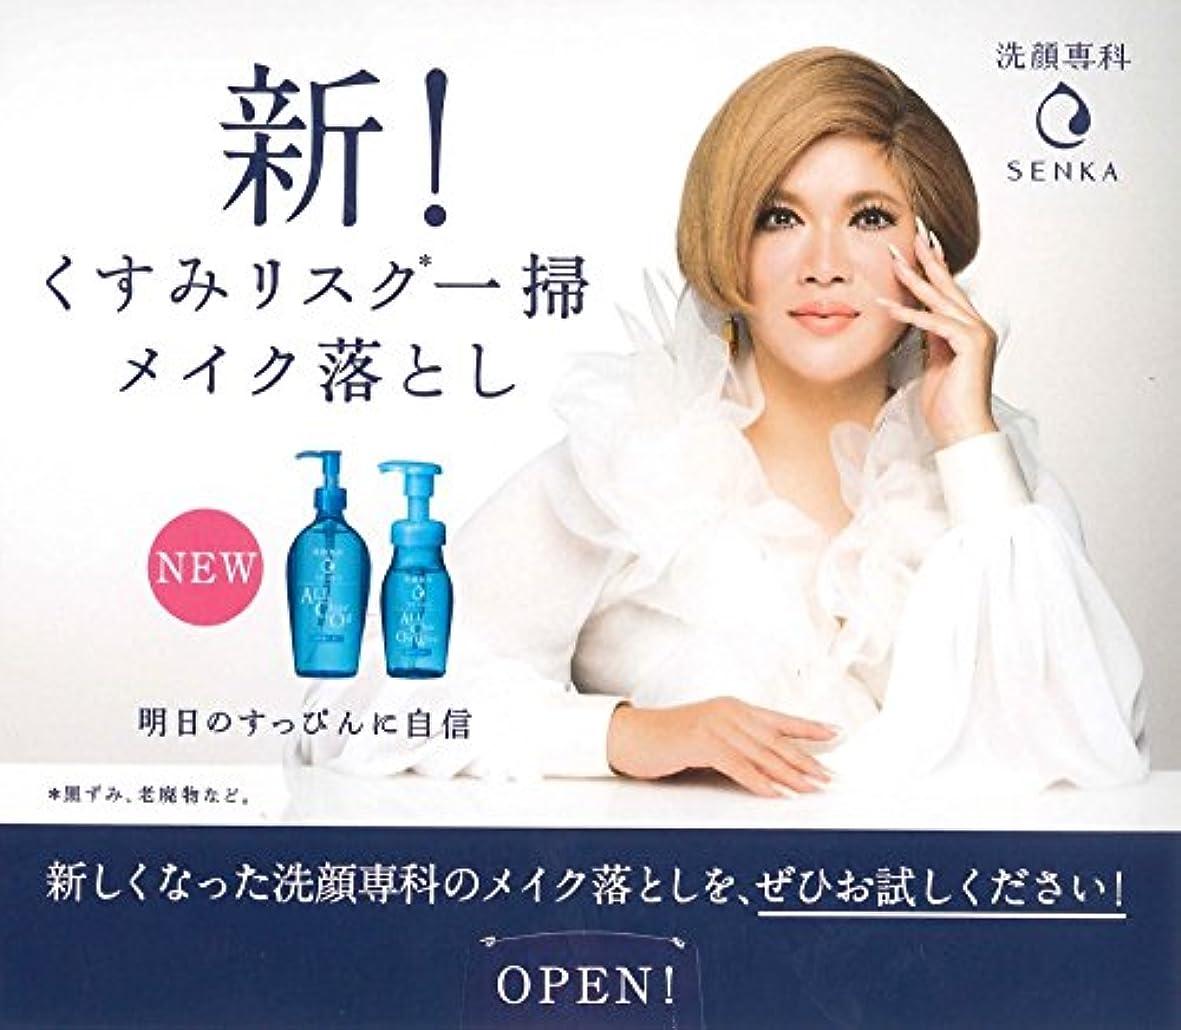 ミル品種力学洗顔専科 オールクリアオイルサンプル 2.5ml×2  【実質無料サンプルストア対象】